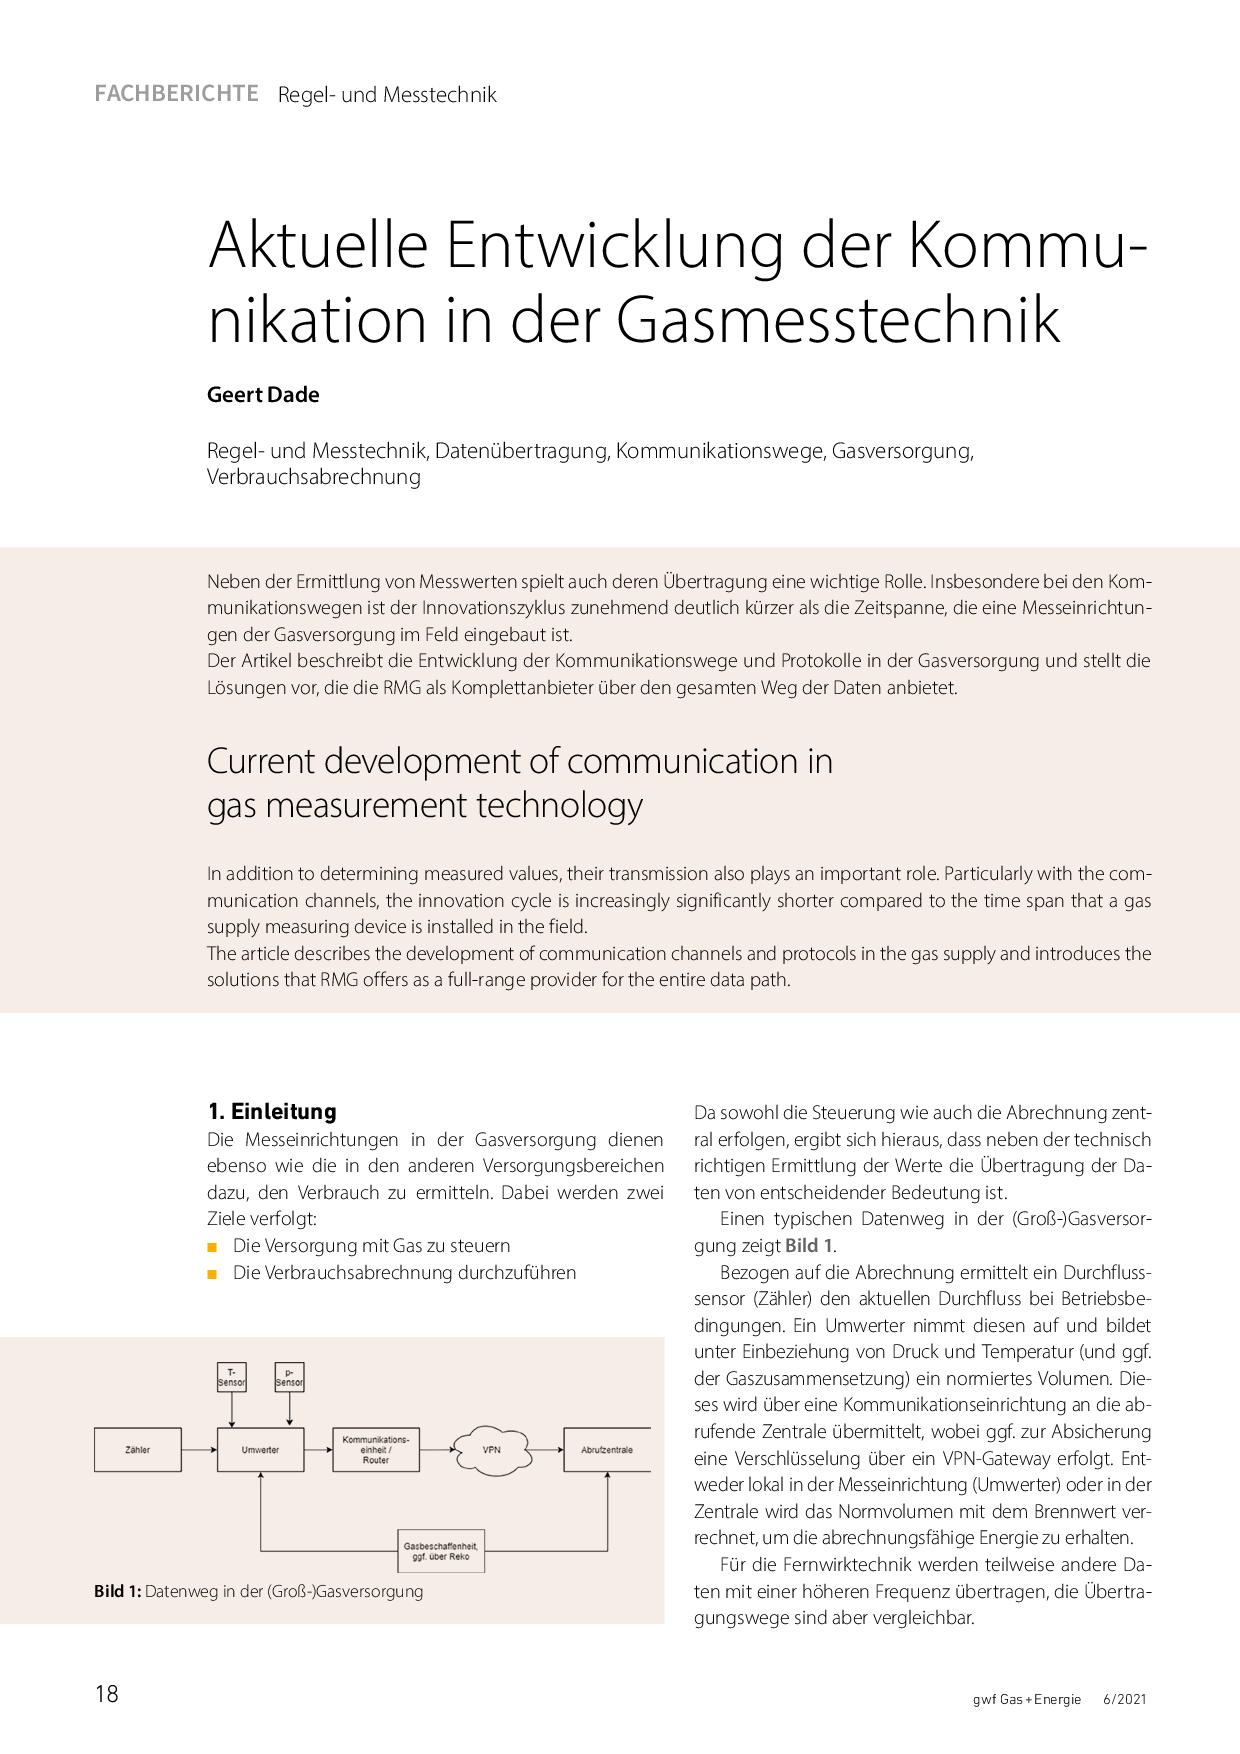 Aktuelle Entwicklung der Kommunikation in der Gasmesstechnik